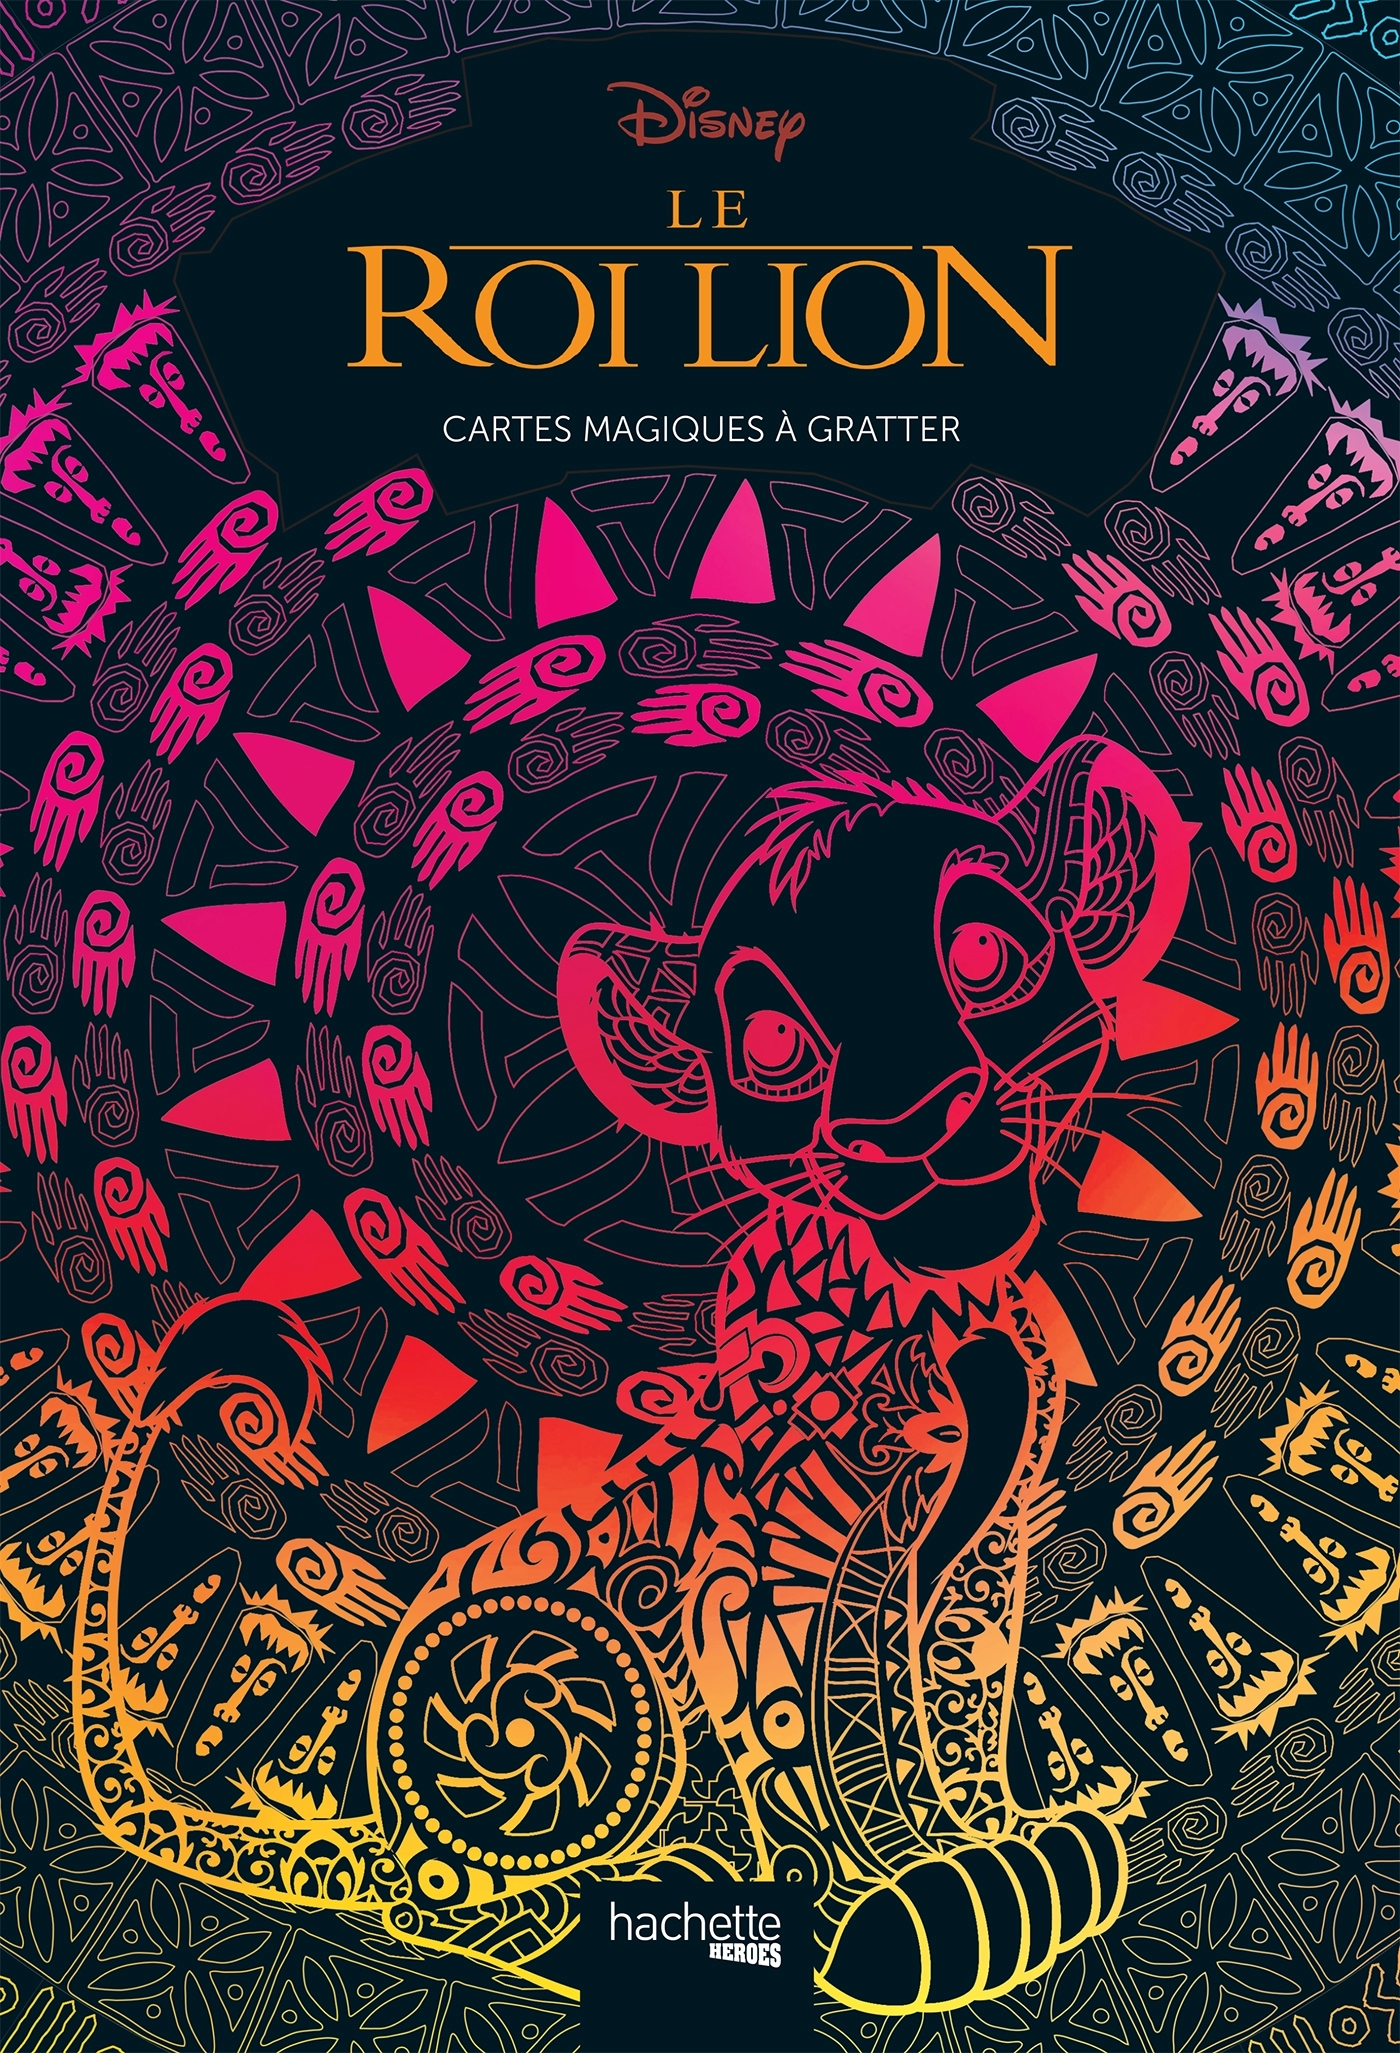 CARTES MAGIQUES A GRATTER DISNEY LE ROI LION